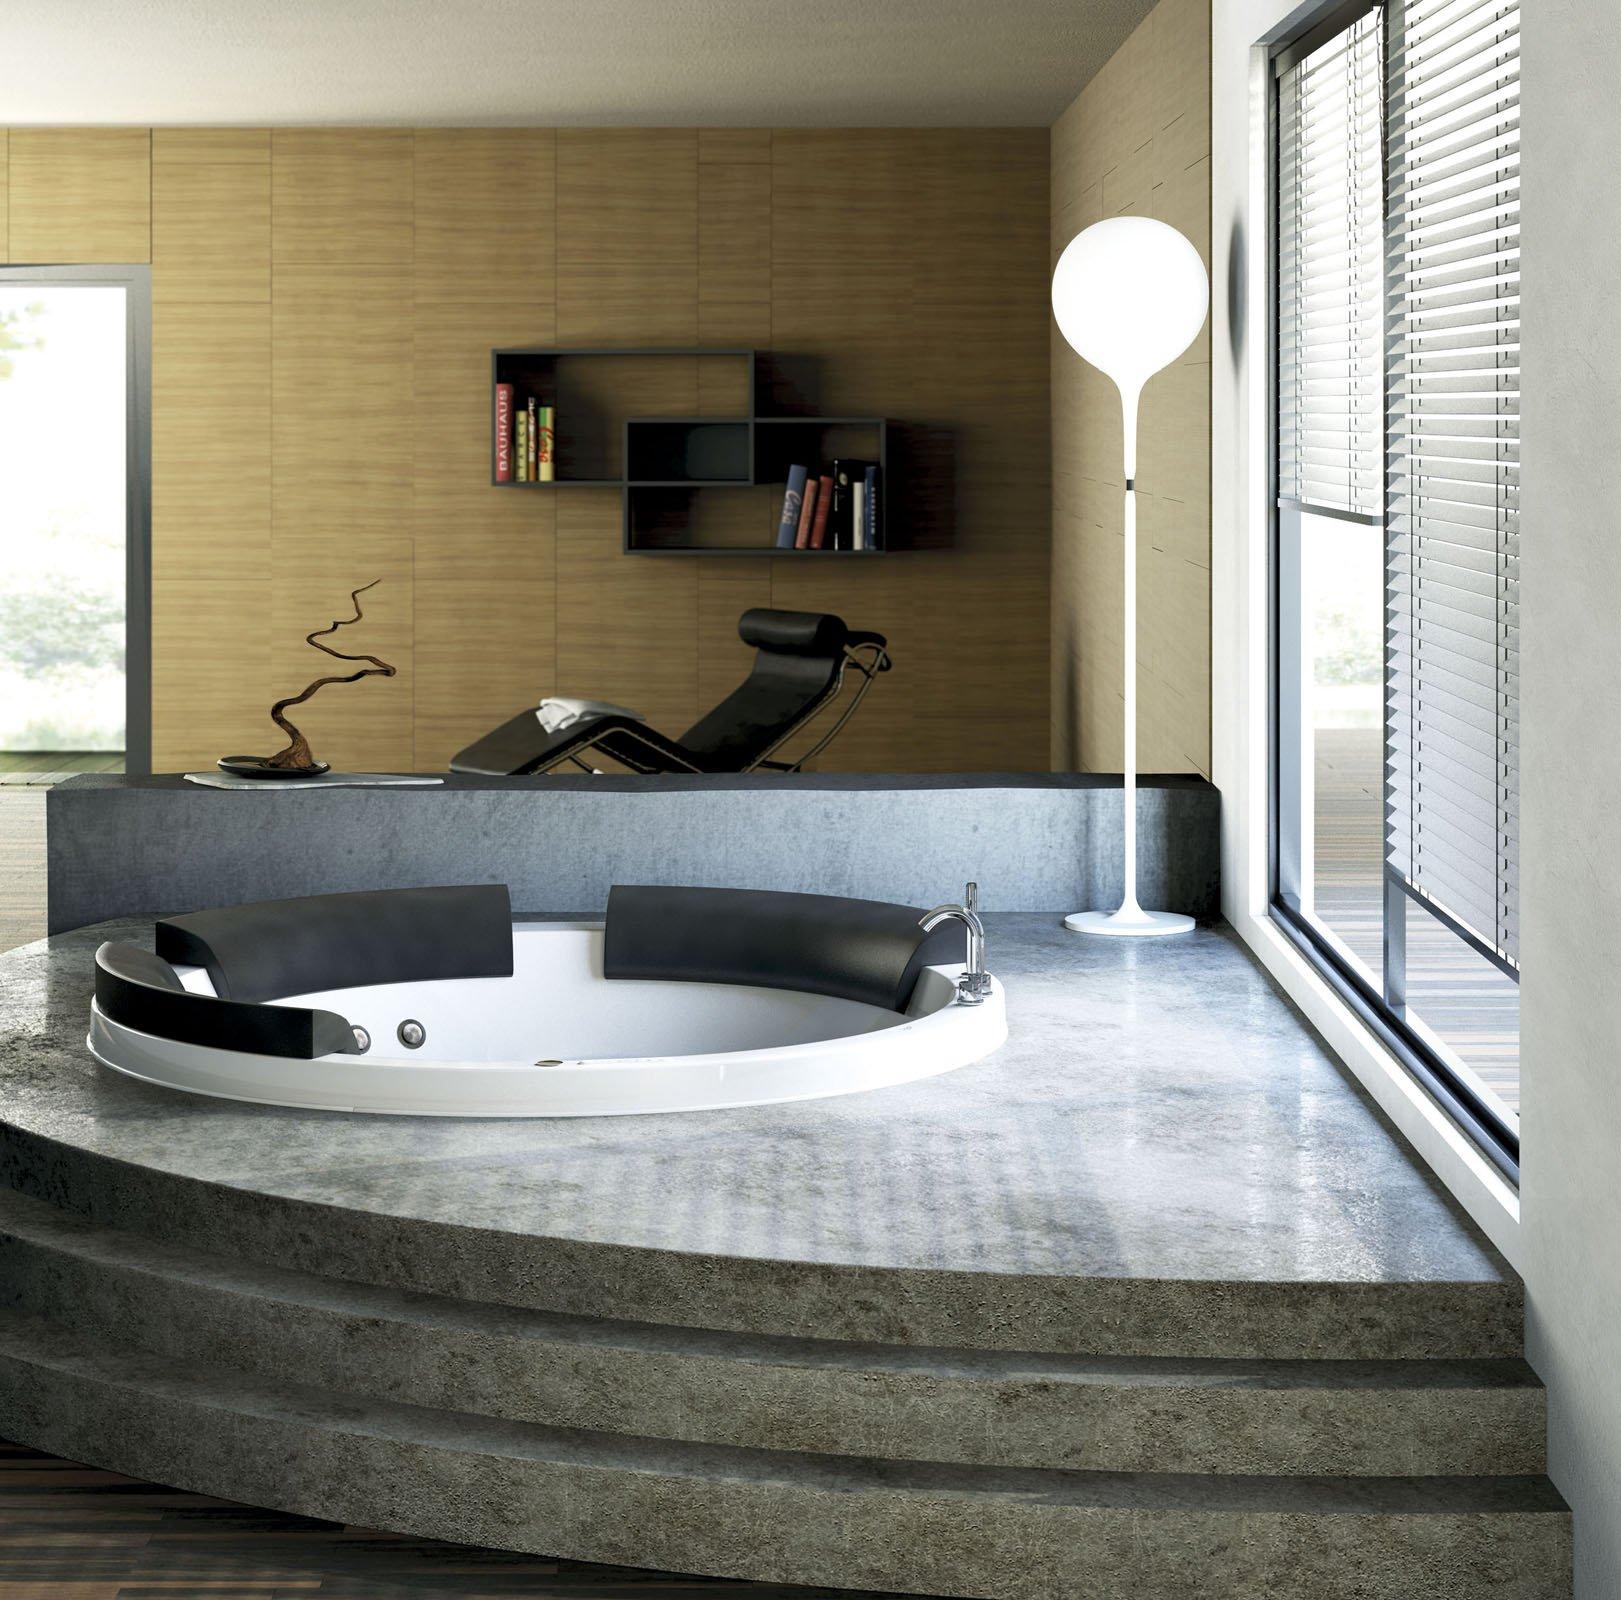 Le vasche idromassaggio cose di casa for Vasca da bagno prezzi ideal standard